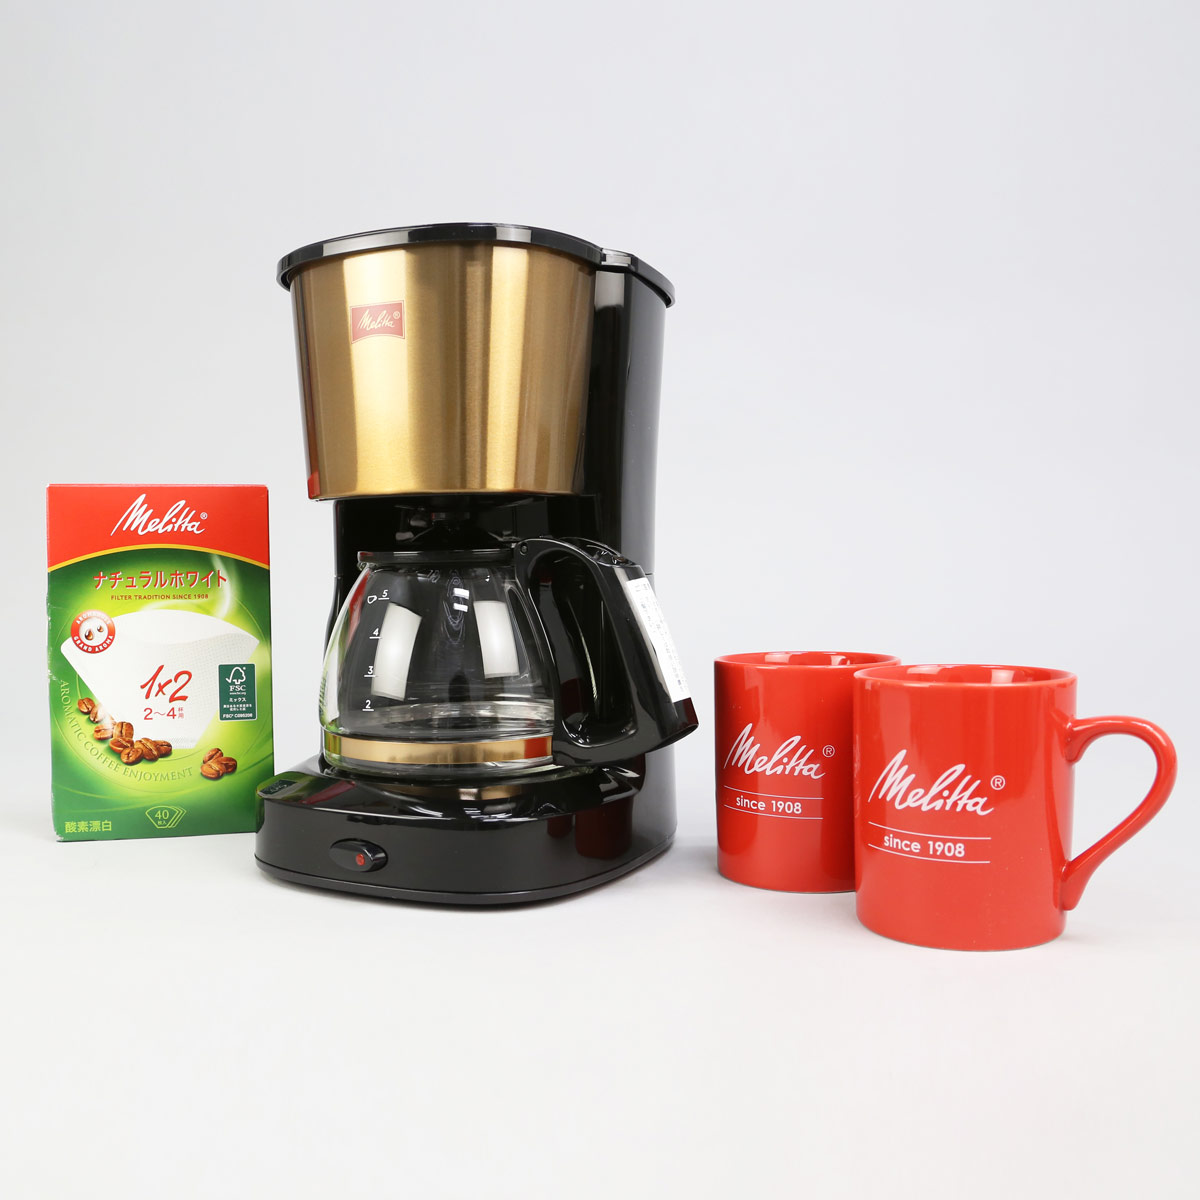 メリタ×ドンキの「絶品珈琲」で淹れたコーヒーが想像以上においしい